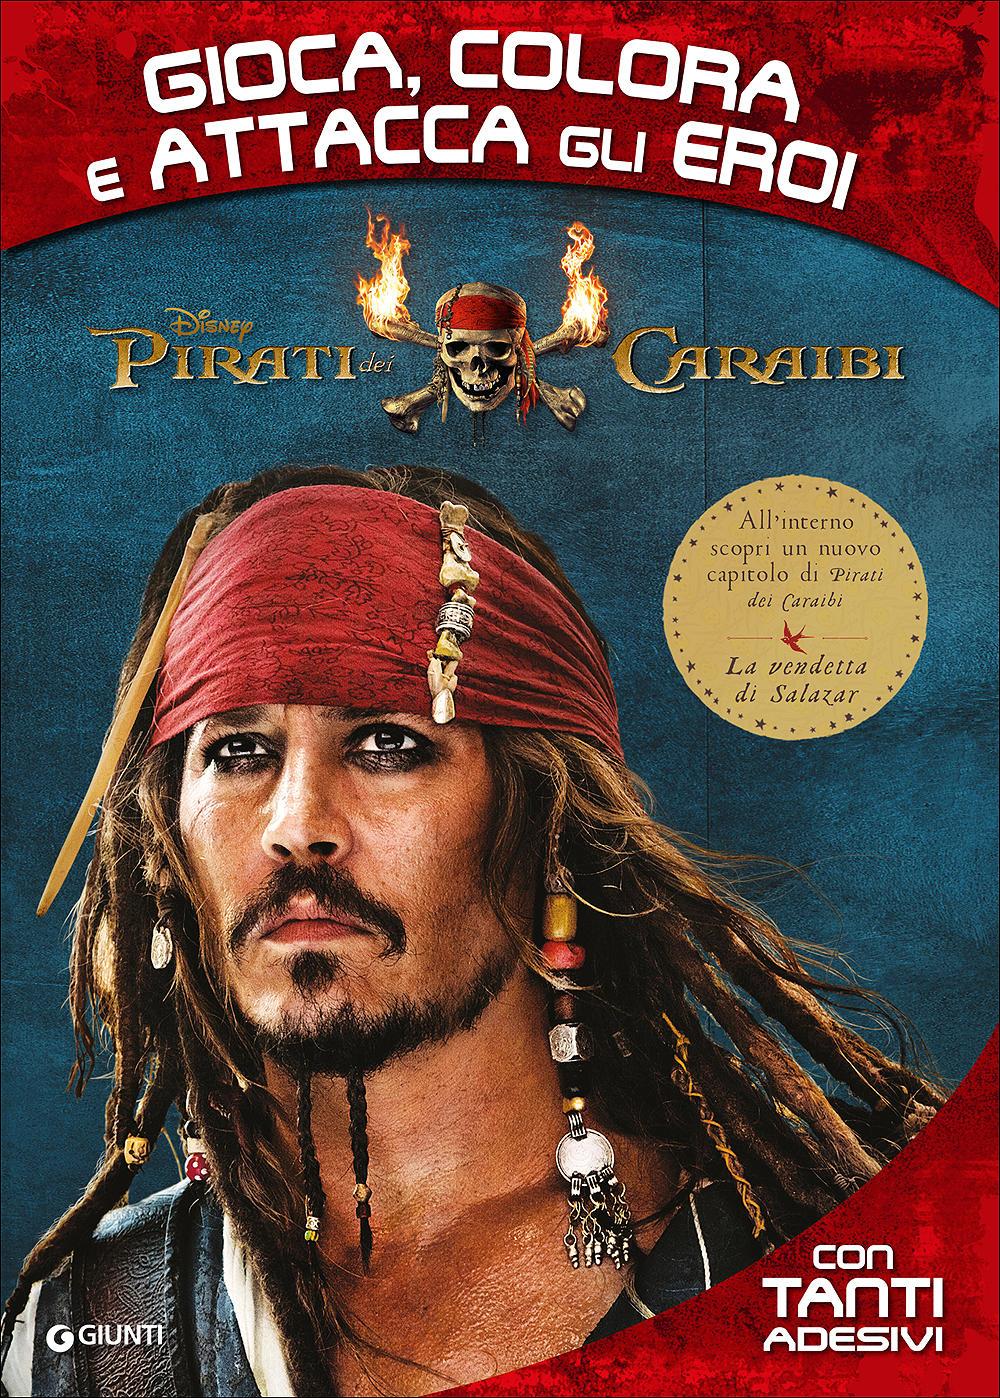 Attacca gli eroi - Pirati dei Caraibi. Gioca, colora e attacca gli eroi